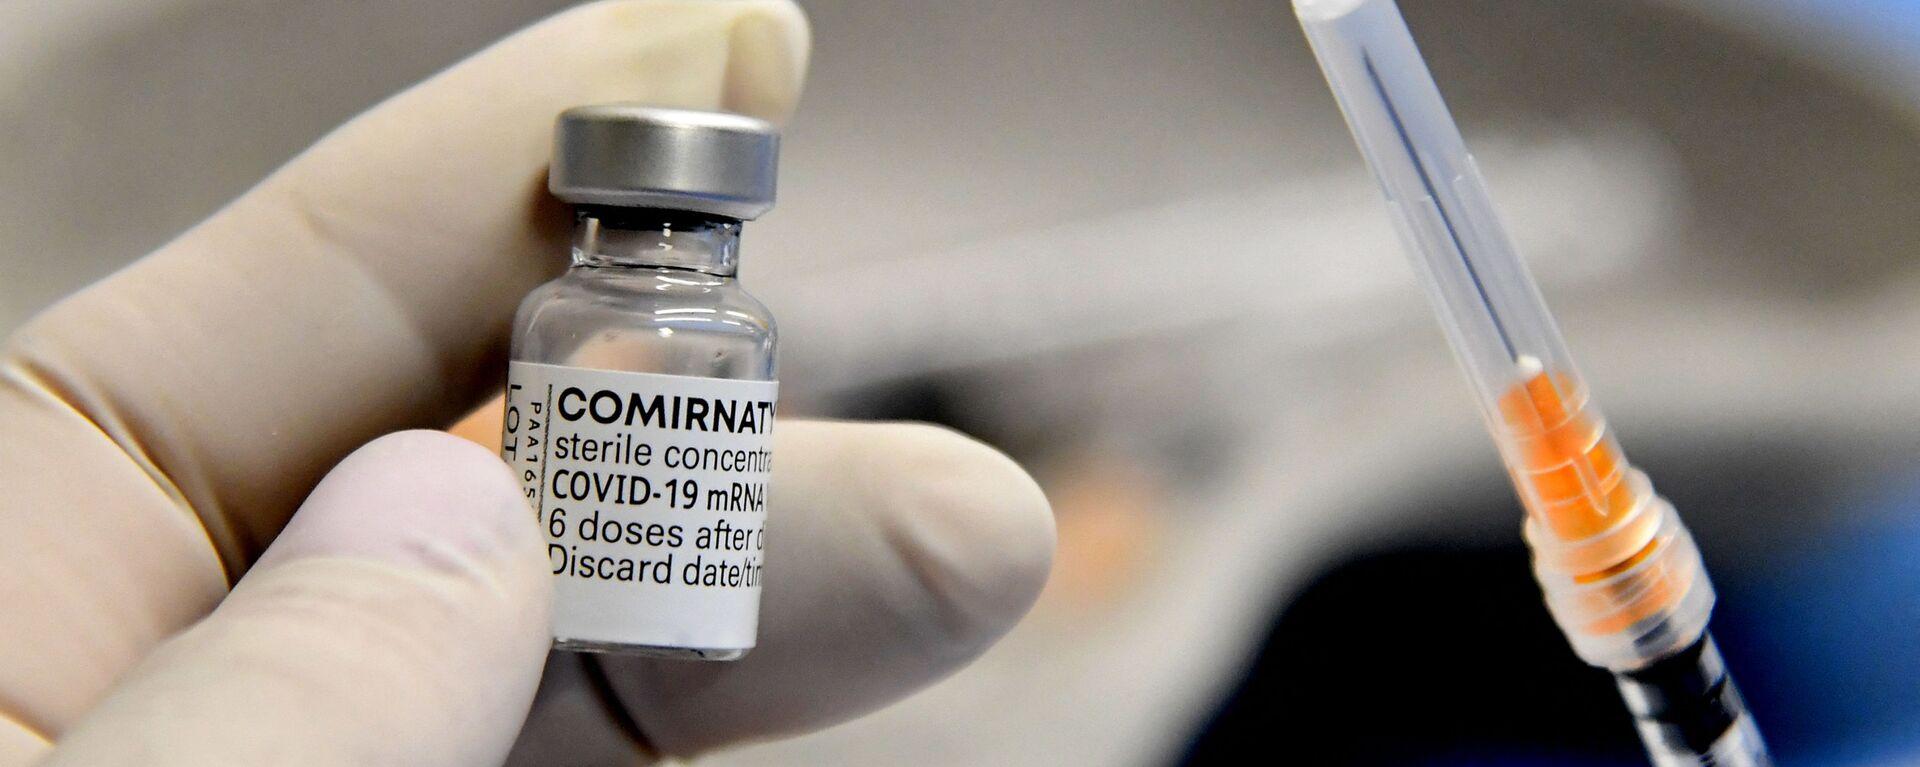 Kampania szczepień na COVID-19 we Włoszech. Szczepionka Pfizer-BioNTech. - Sputnik Polska, 1920, 30.05.2021